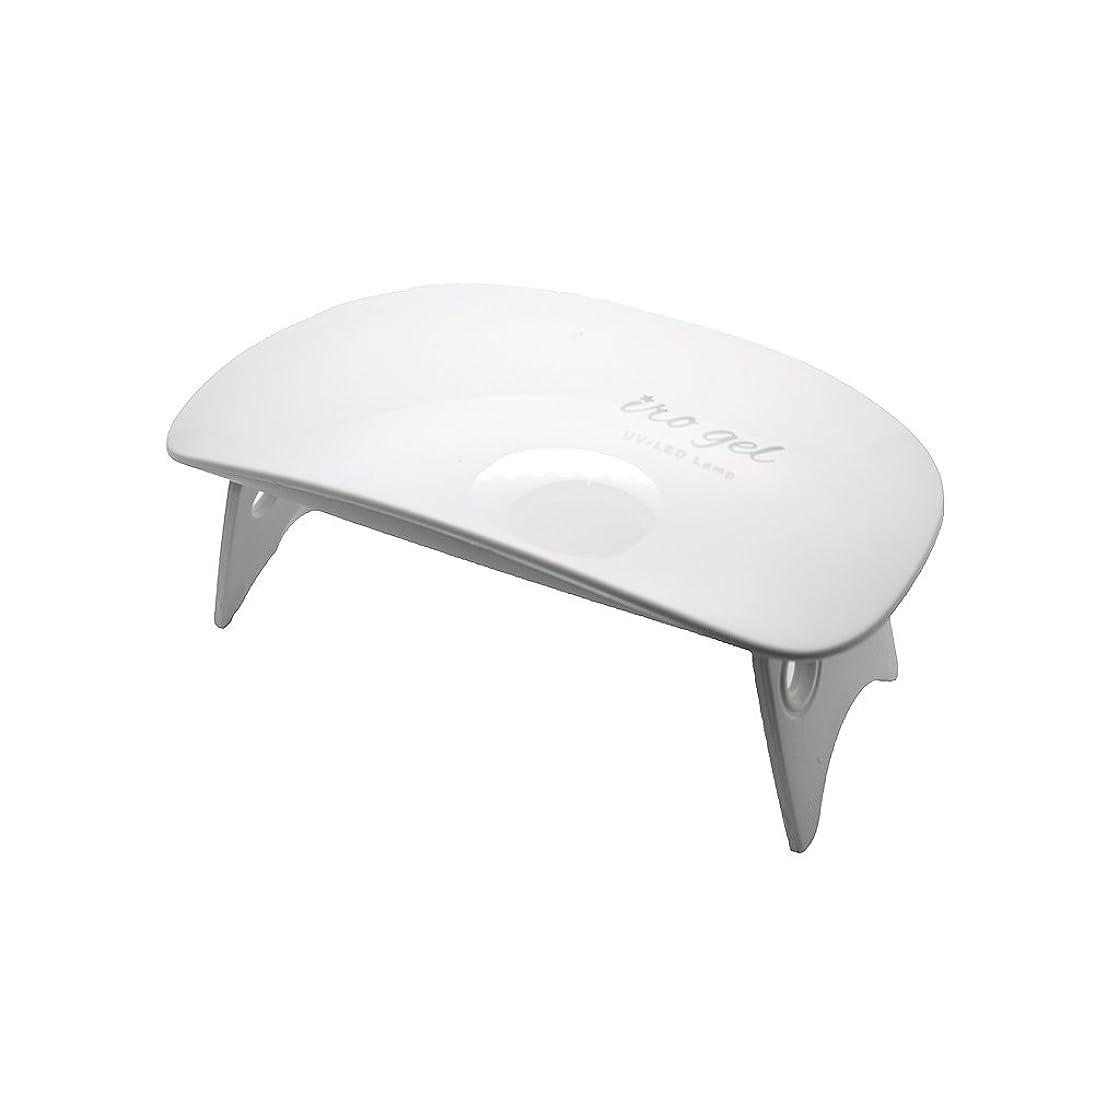 単調な特権的うつirogel イロジェル 6W UV LED ネイルドライヤー ライトミニ UVライト LEDライト UVレジン もOK USB専用